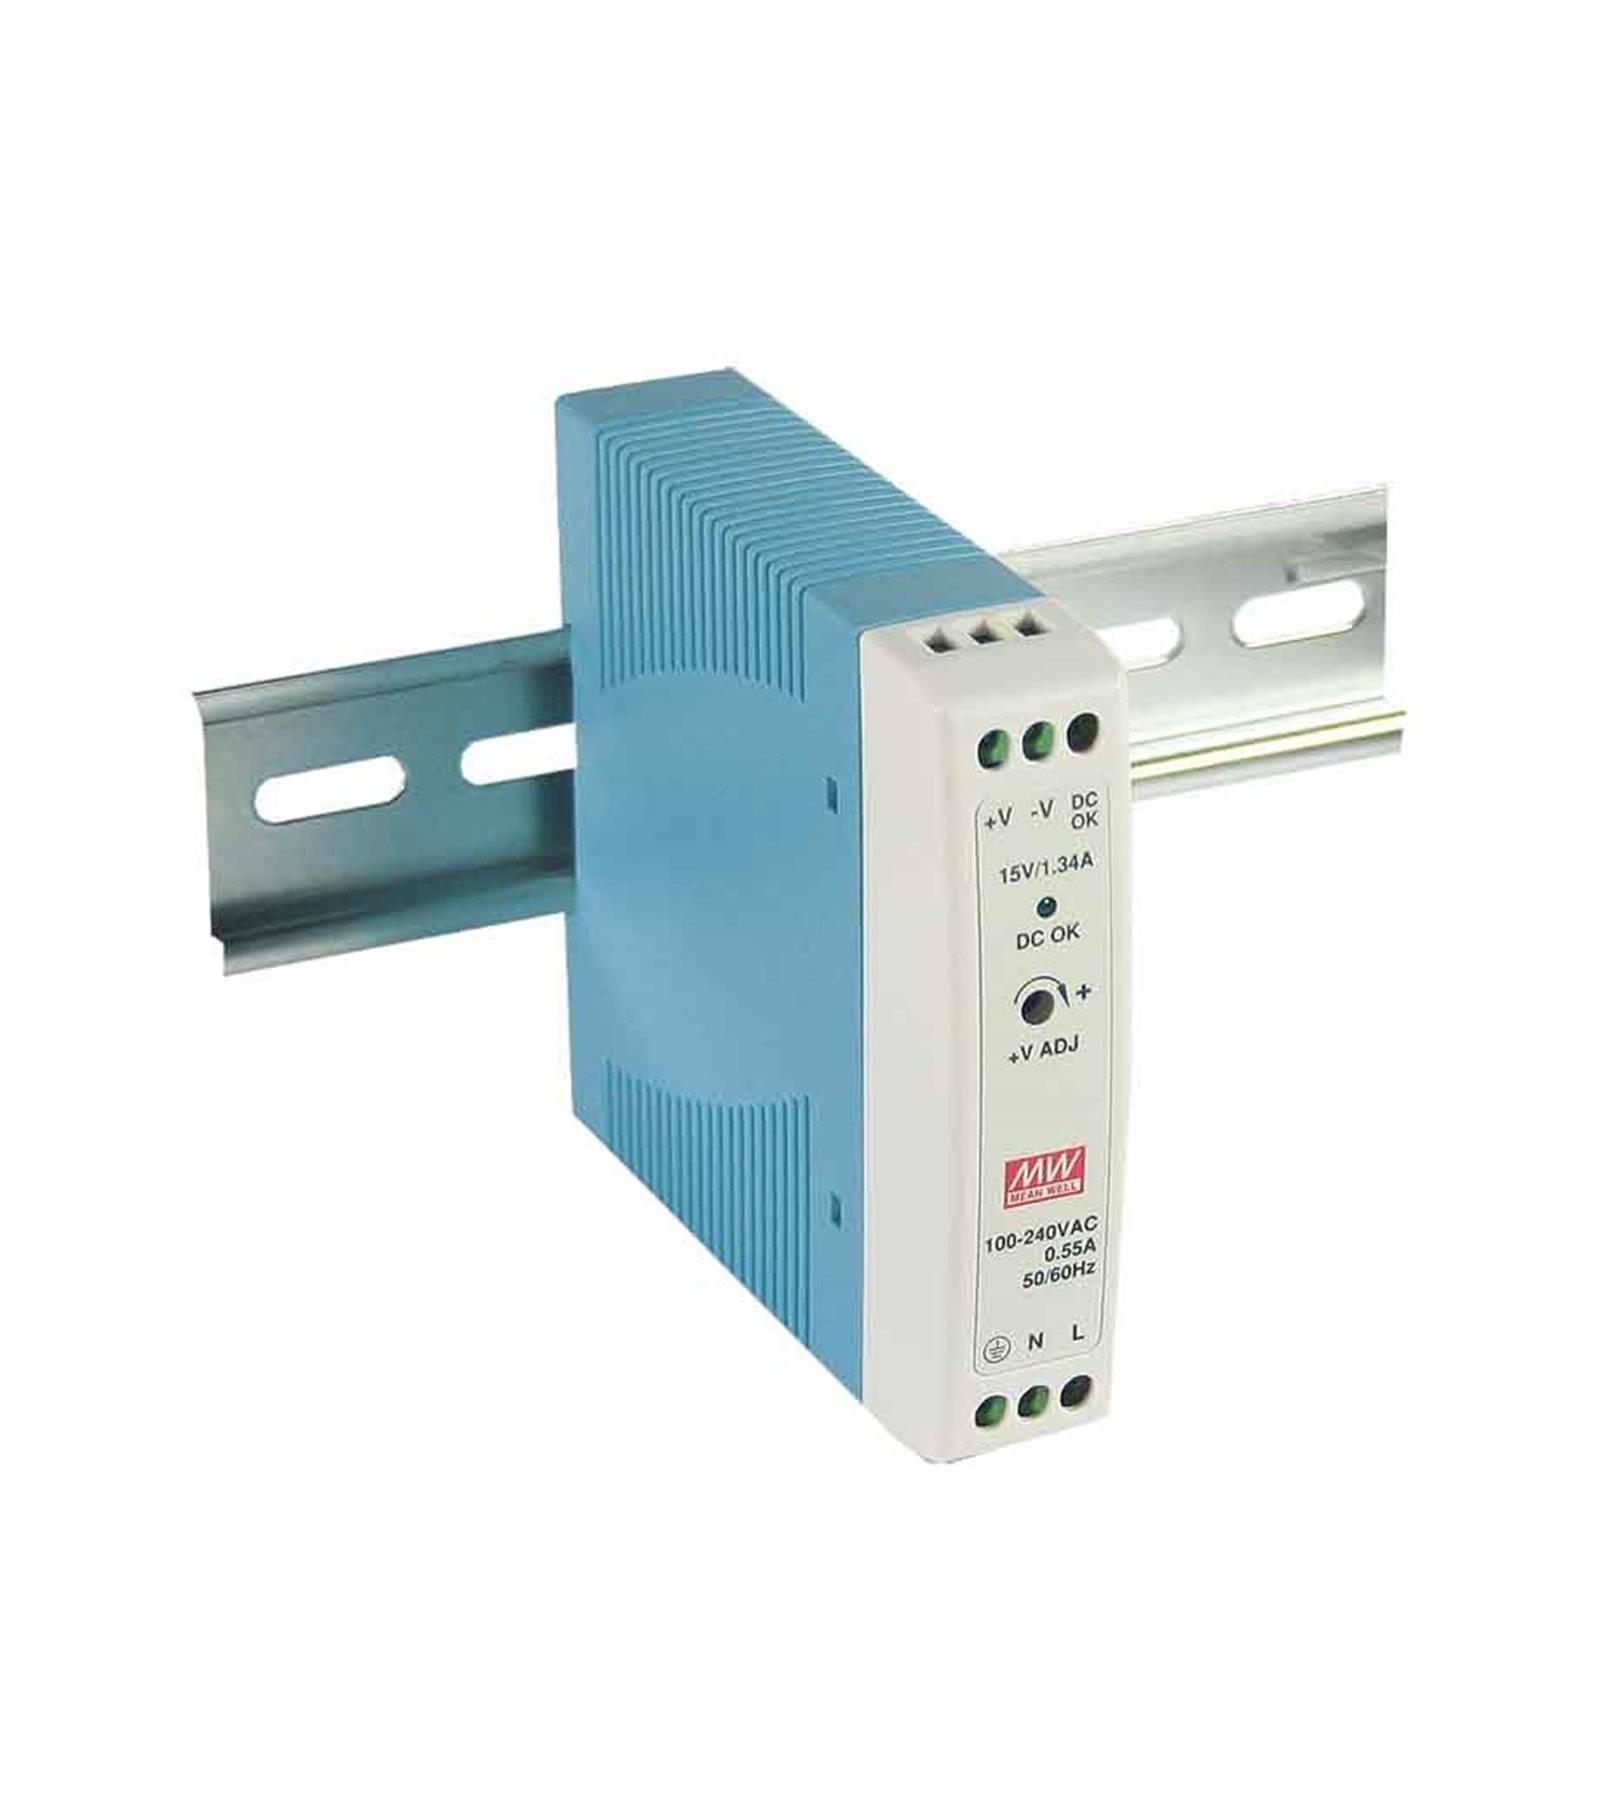 Mean Well Transformateur pour rail DIN armoire électrique 20Wà 12V DC MDR-20-12 MEAN WELL - MDR-20-12